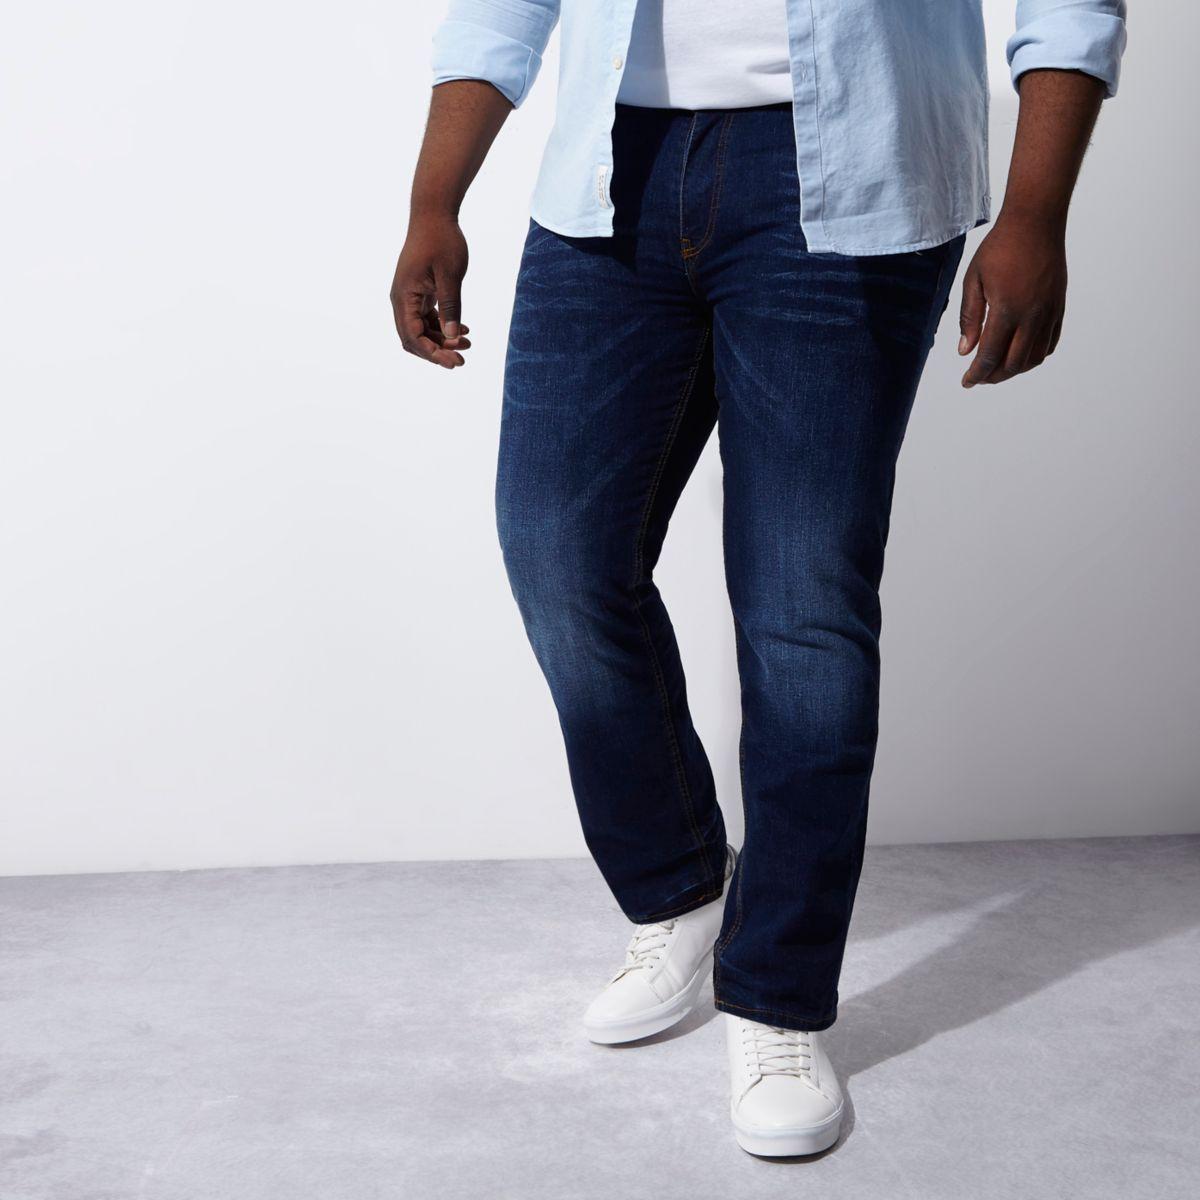 RI Big and Tall - Dean - Blauwe jeans met rechte pijpen